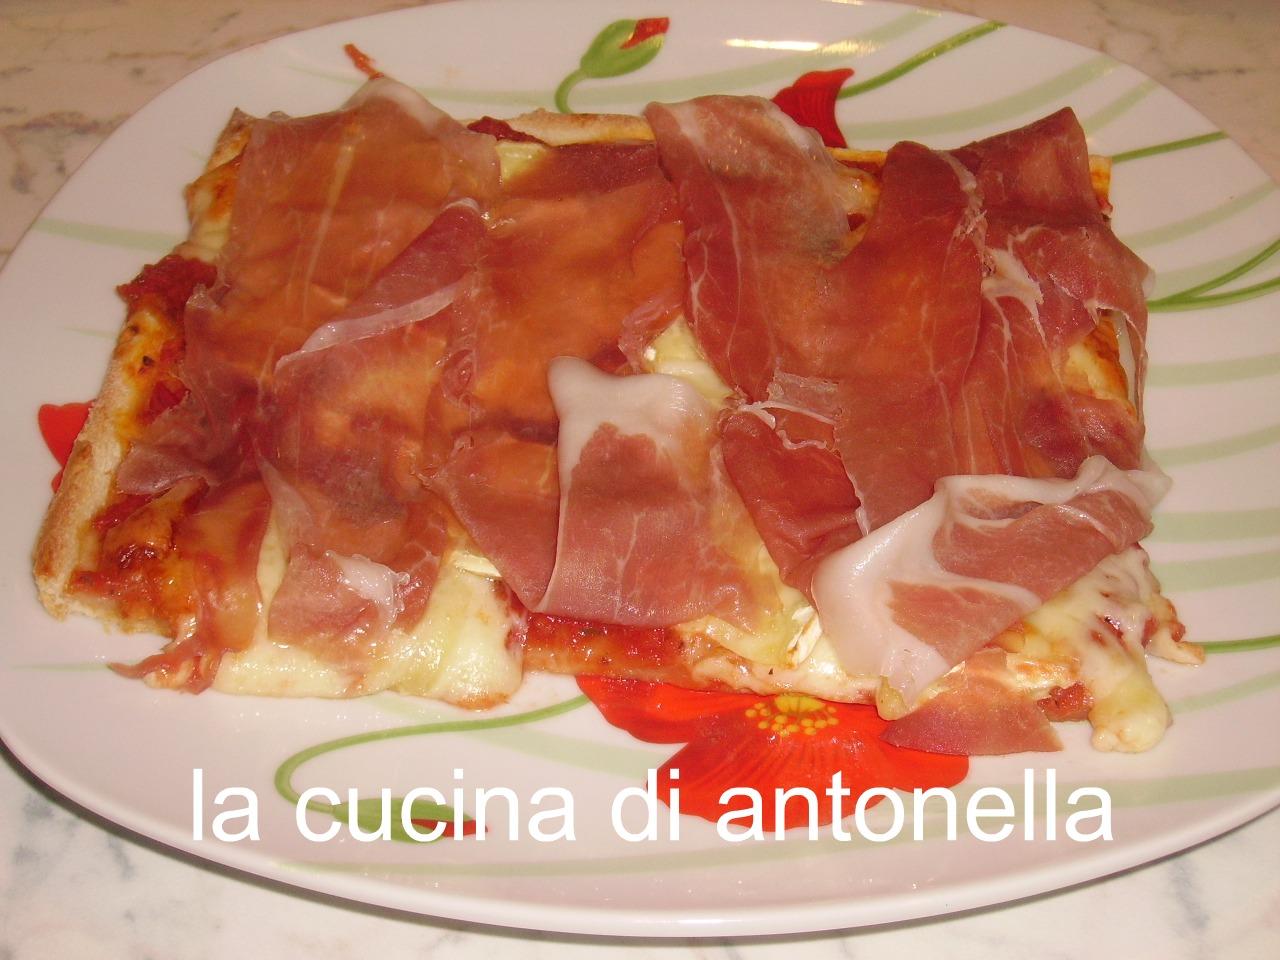 Pizza con farina manitoba da la cucina di antonella su - La cucina di antonella ...